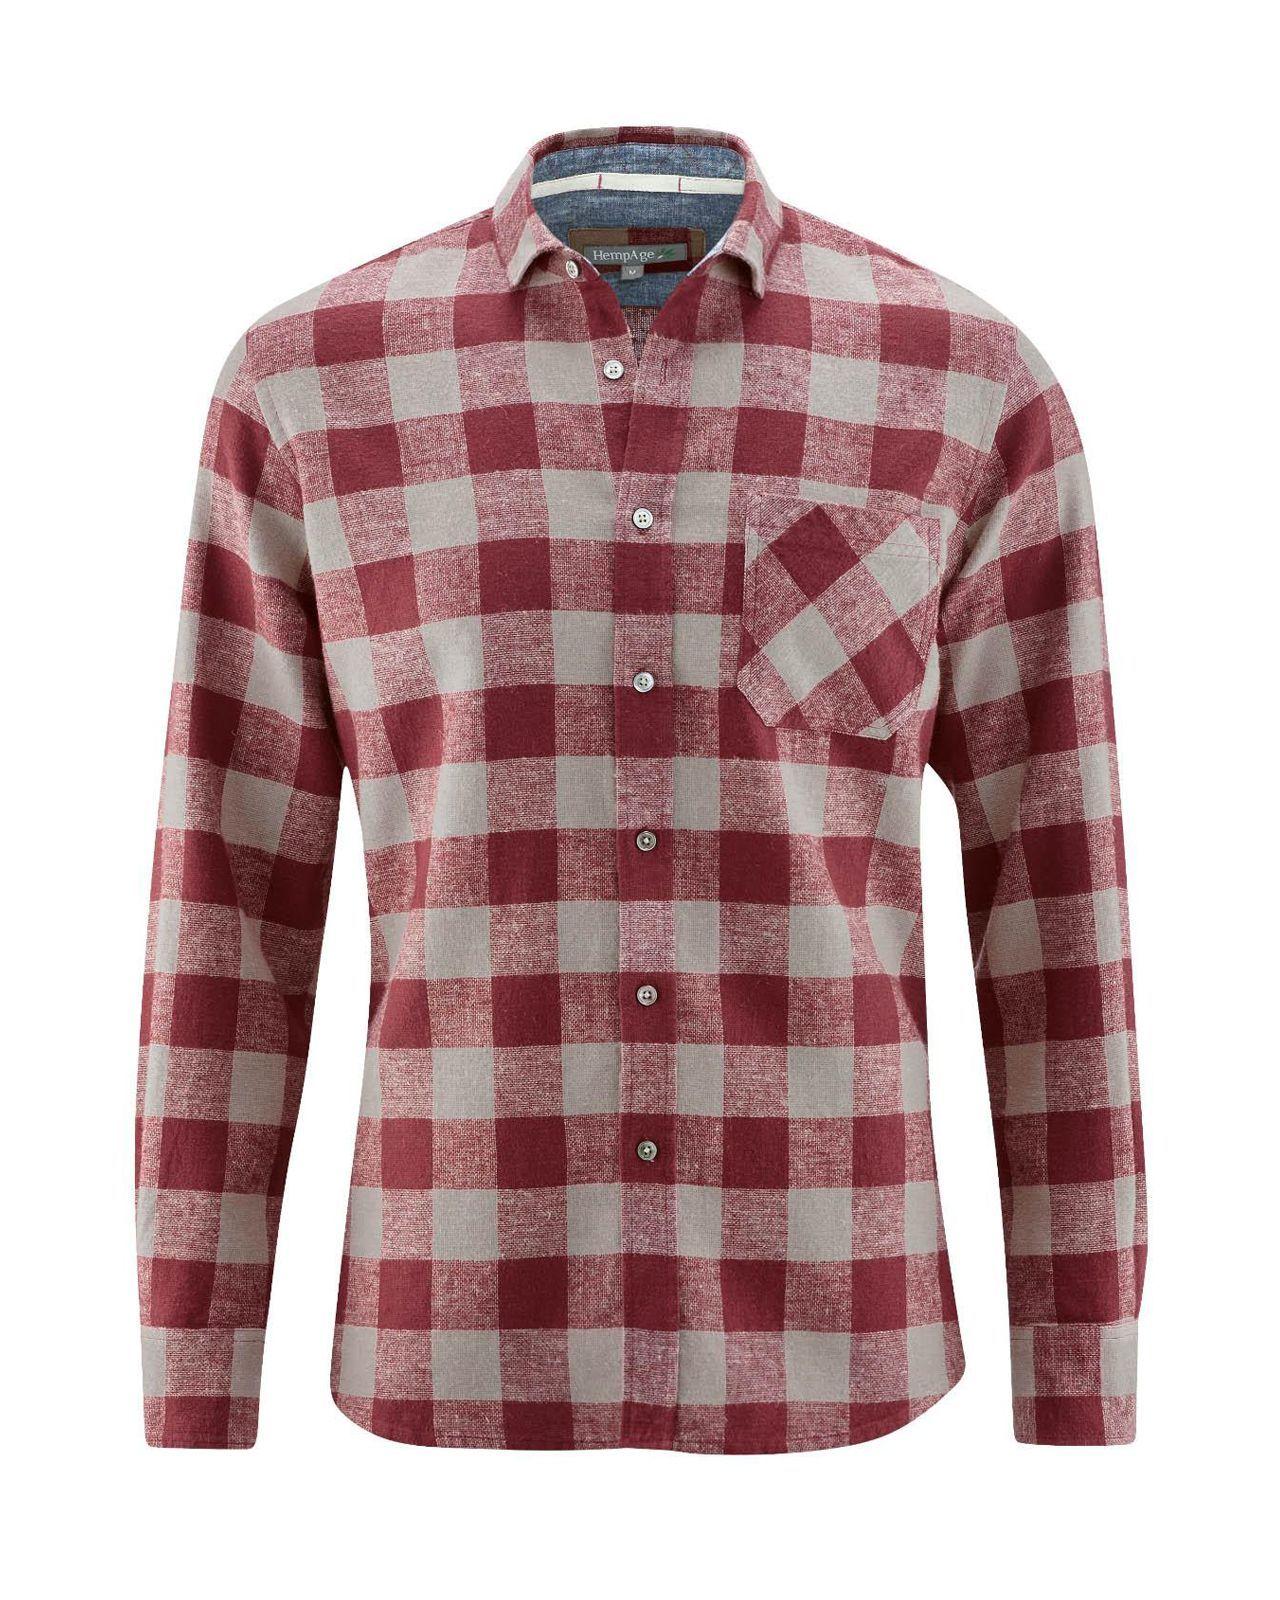 Camisa de cuadros hombre granate